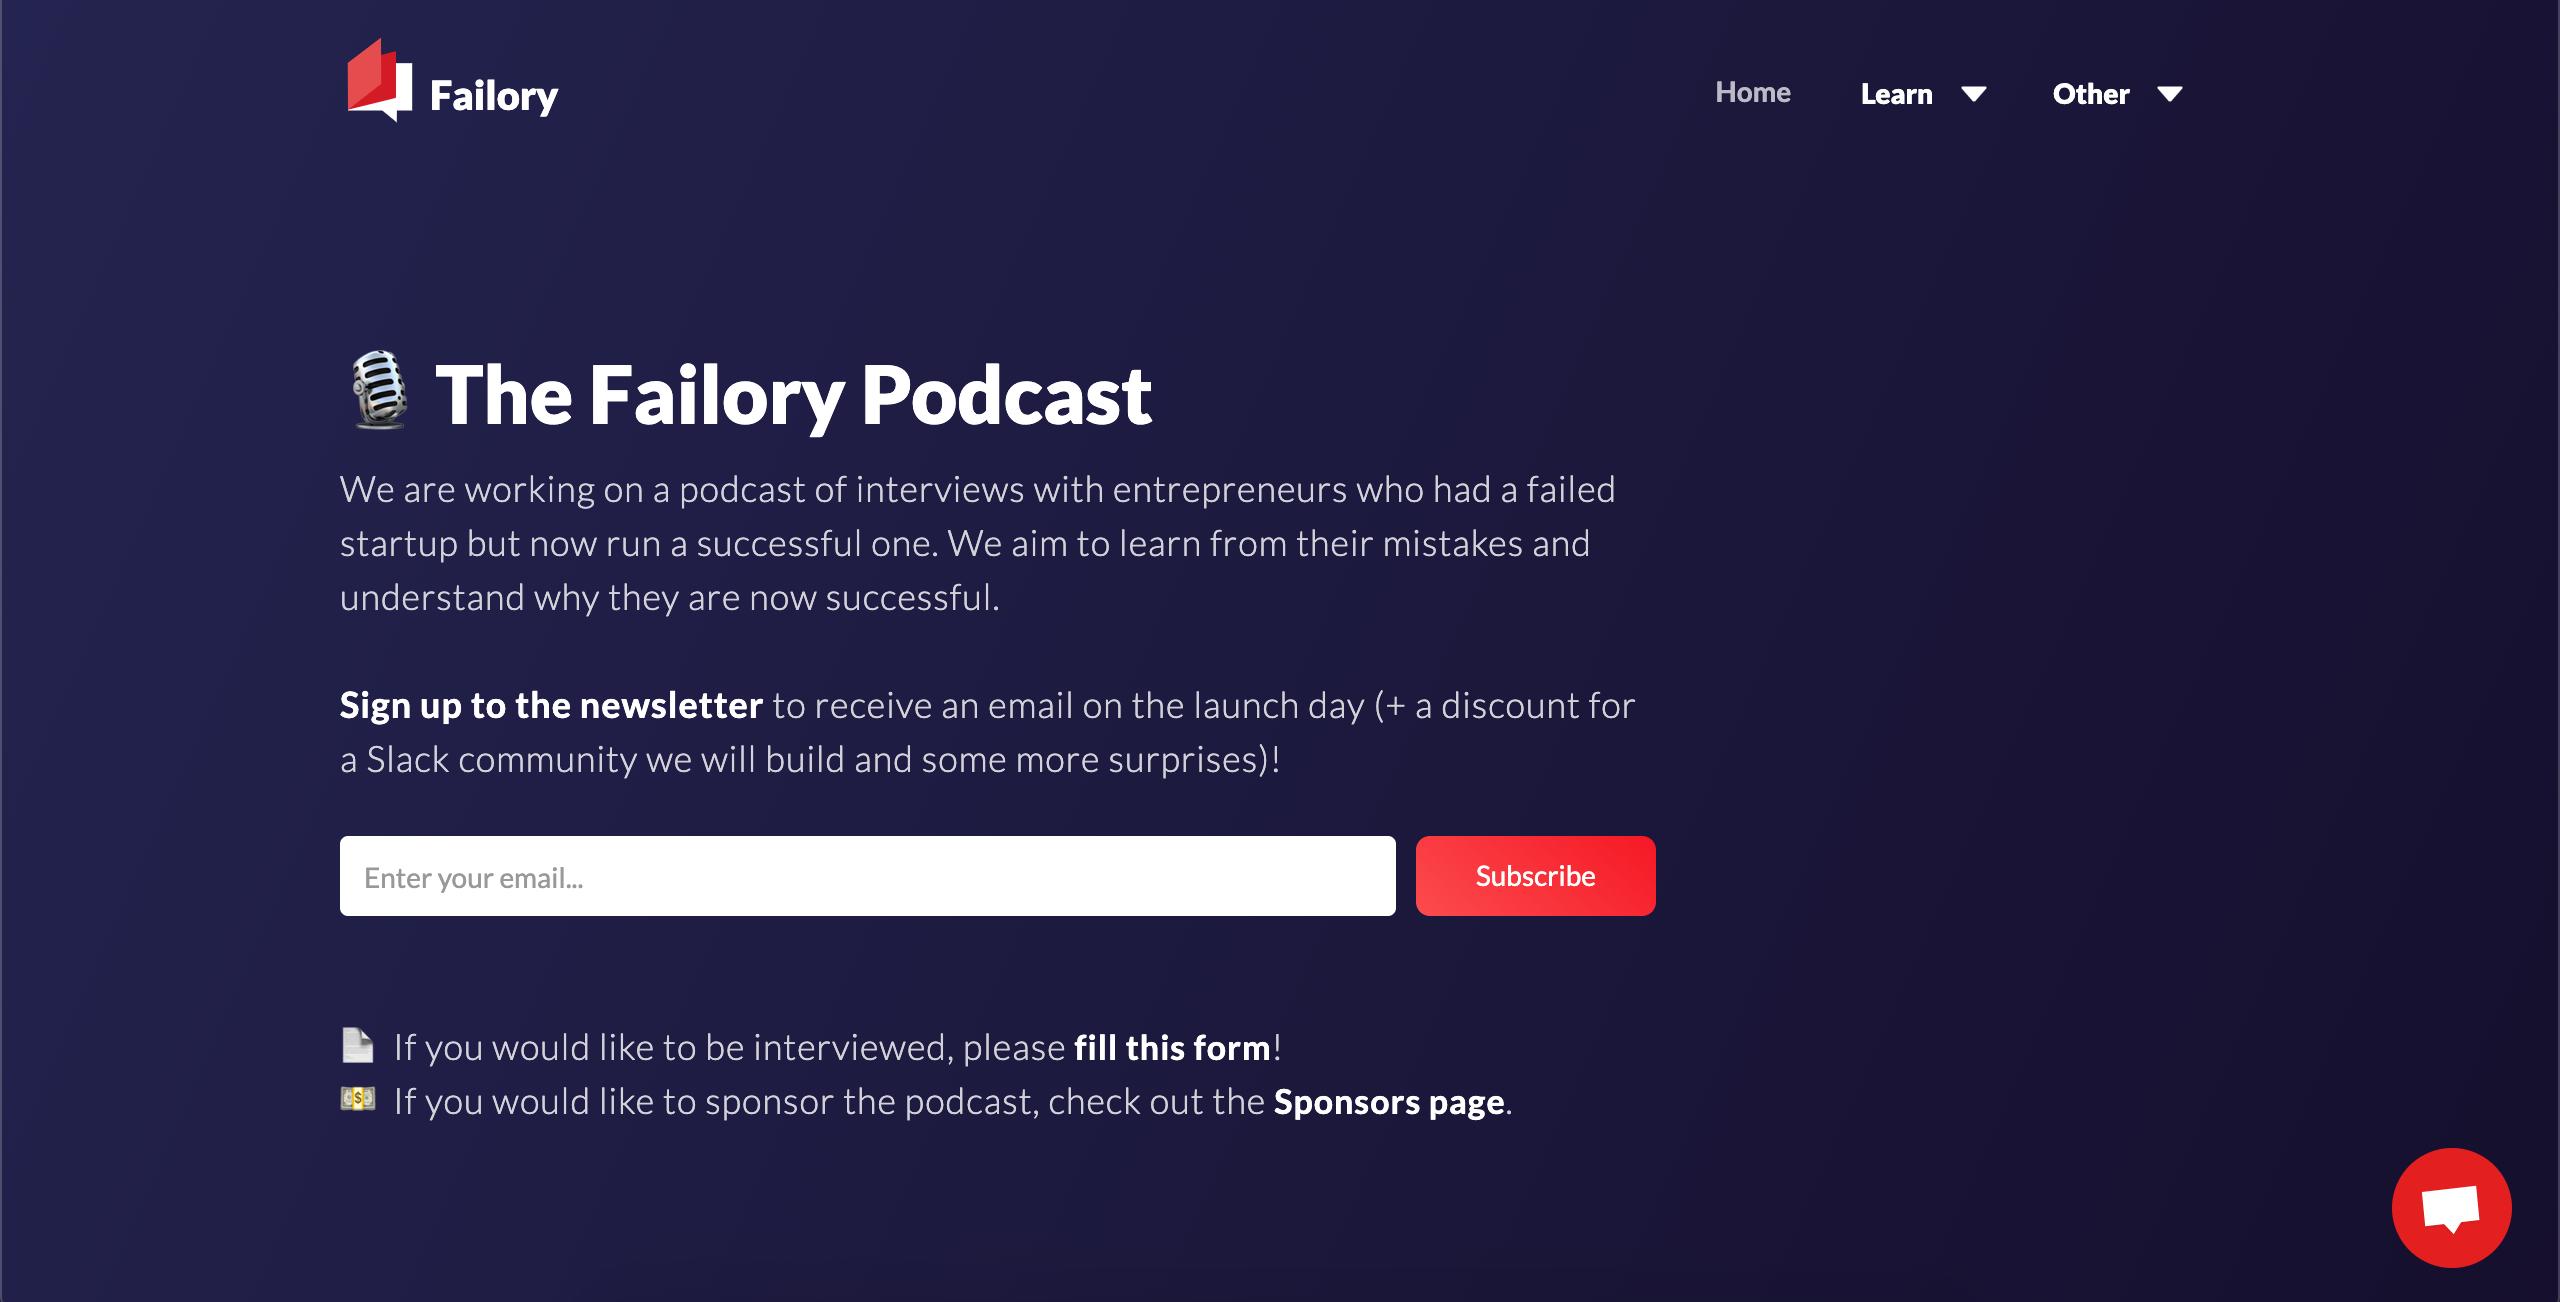 FailoryC Podcast